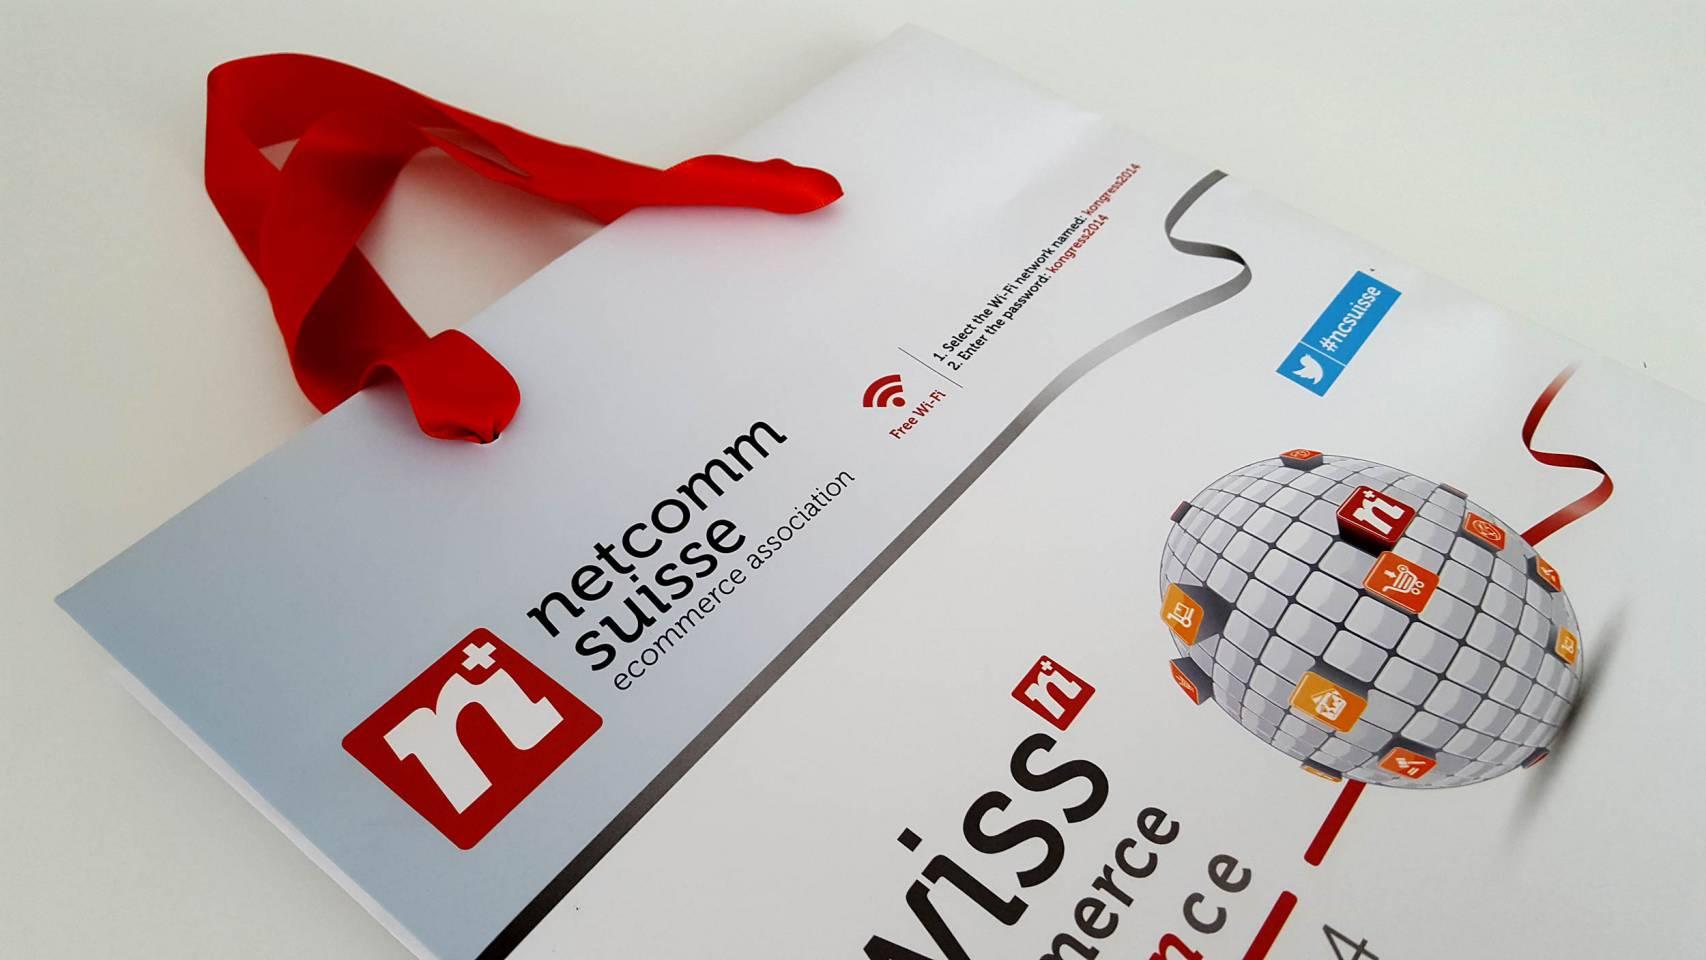 Produzione oggetti promozionali NetComm Suisse ecommerce NewVisibility web agency Como